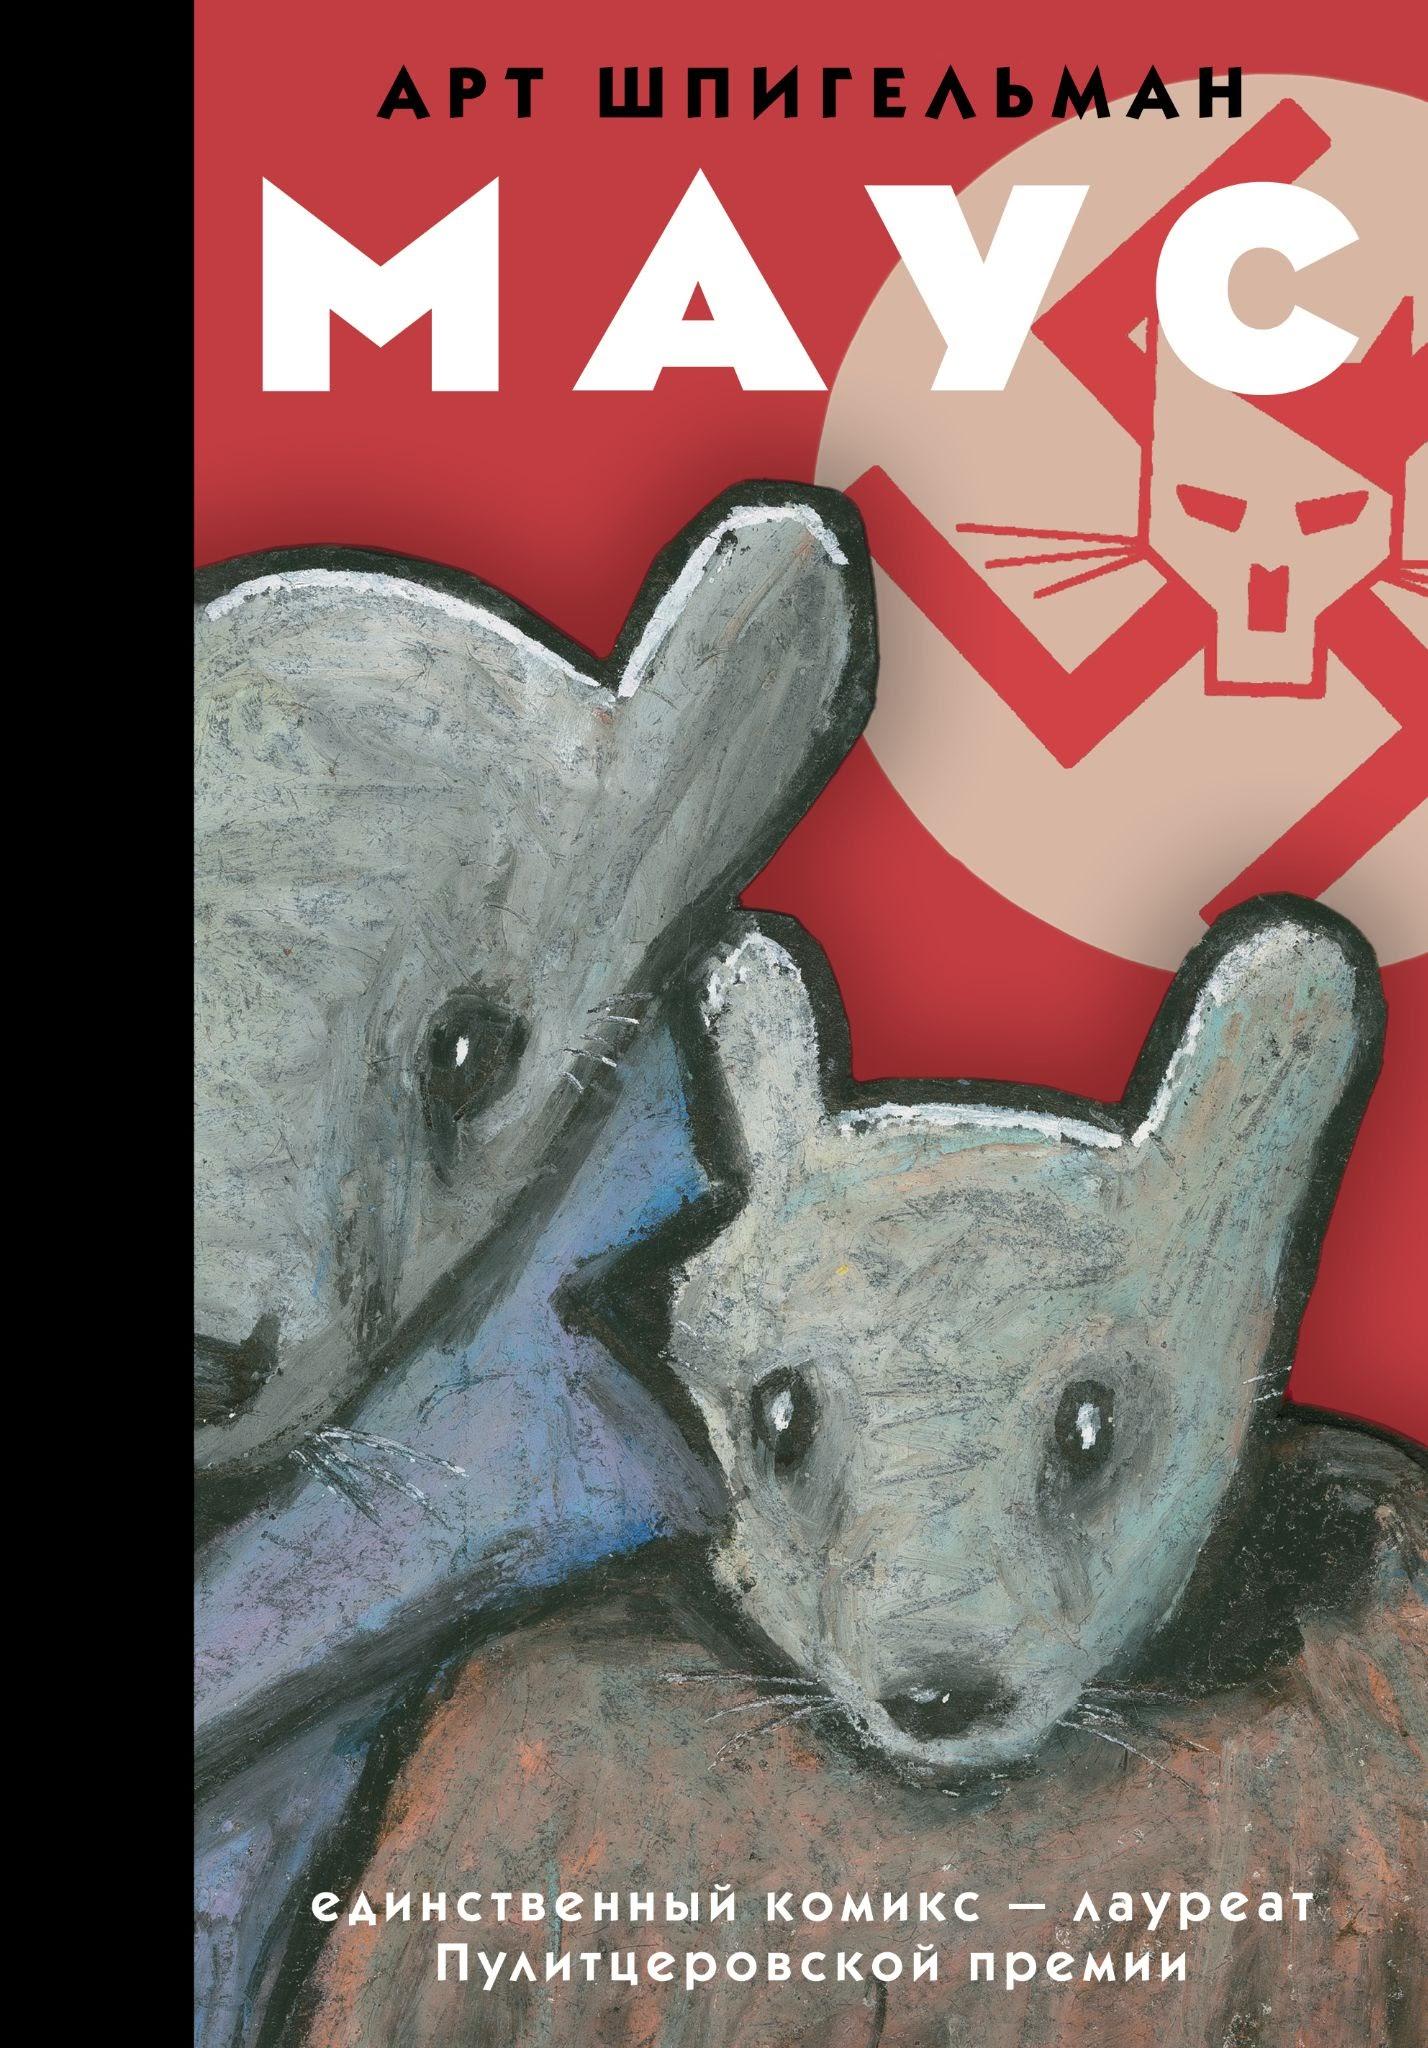 Обложка современного издания «Мауса». Источник: сайт ozon.ru